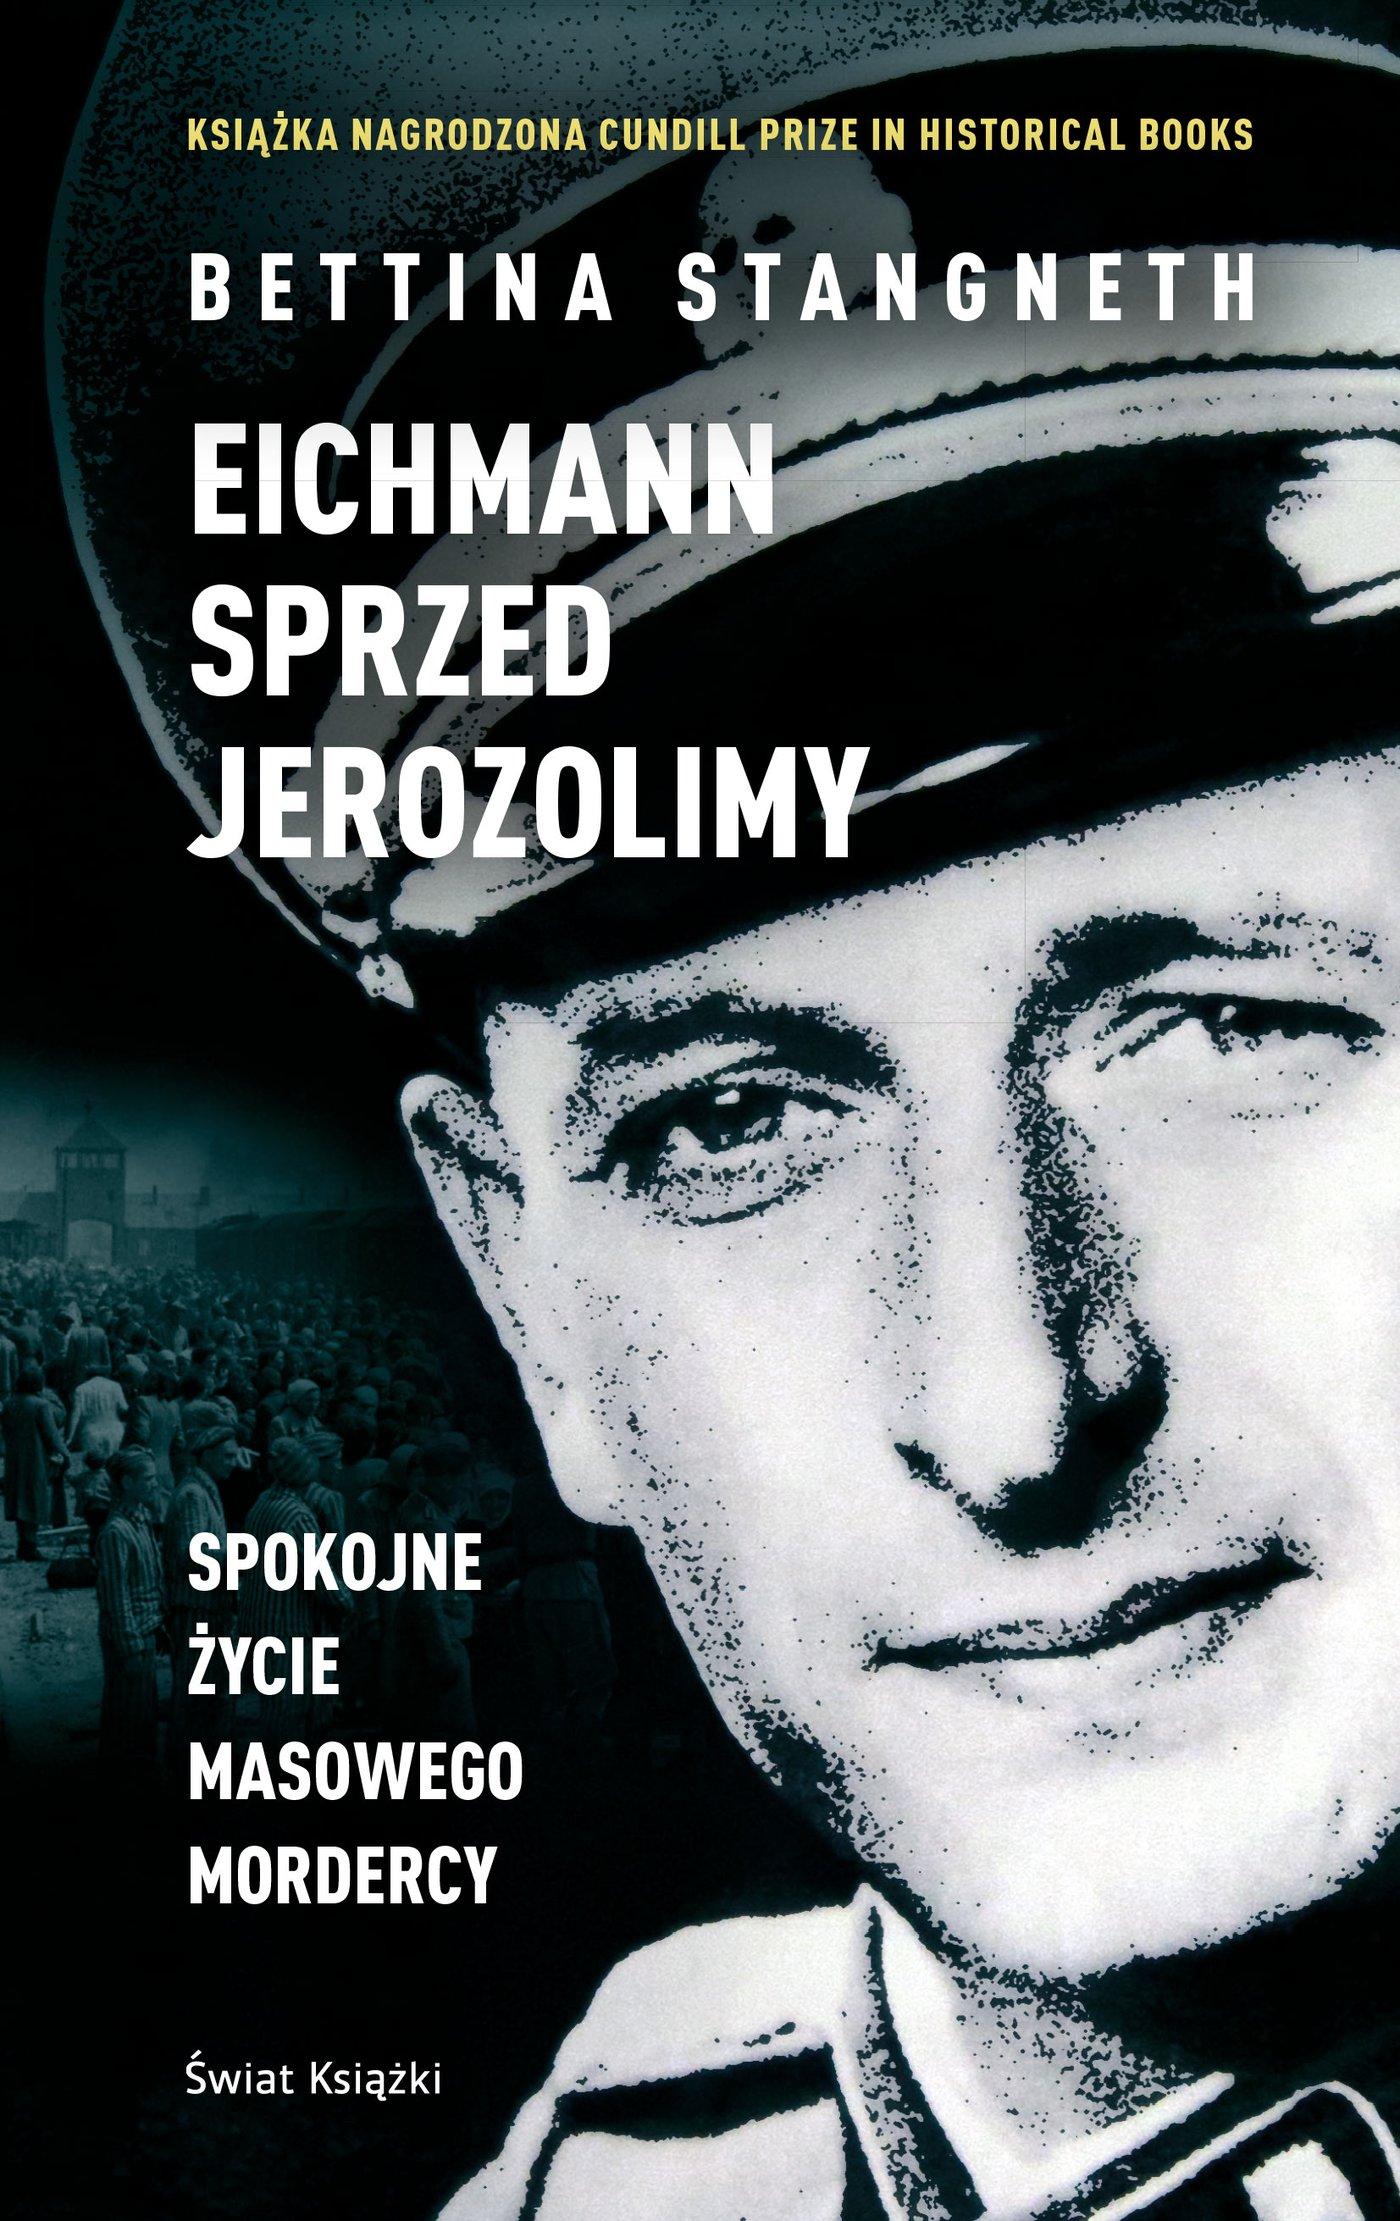 Eichmann sprzed Jerozolimy - Ebook (Książka na Kindle) do pobrania w formacie MOBI